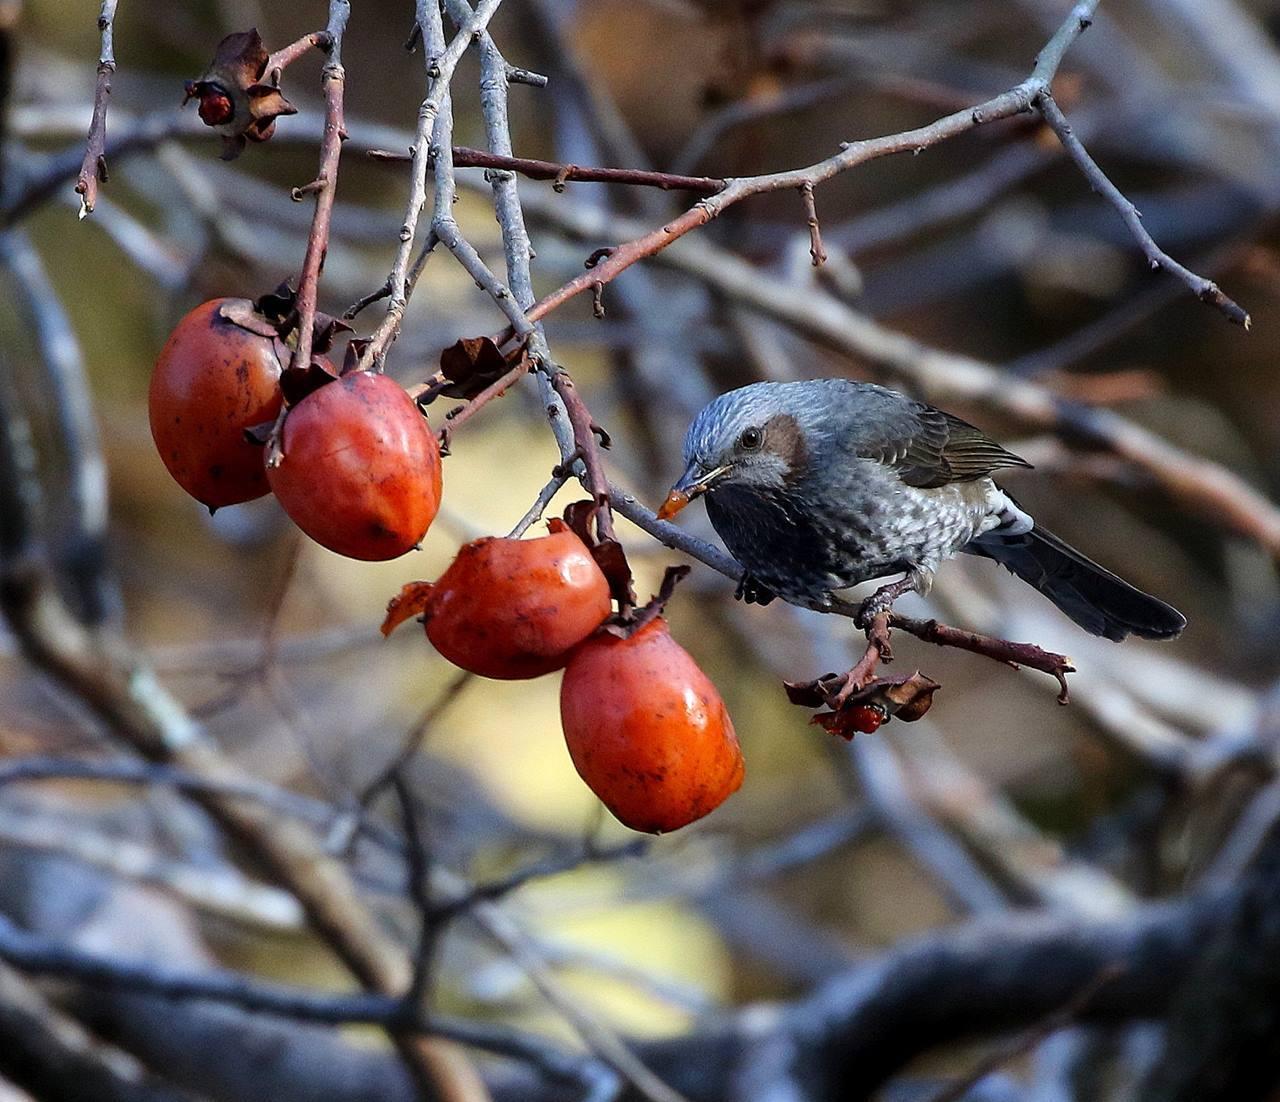 熟れた柿にやって来た野鳥たち・・・_c0213607_22053708.jpg